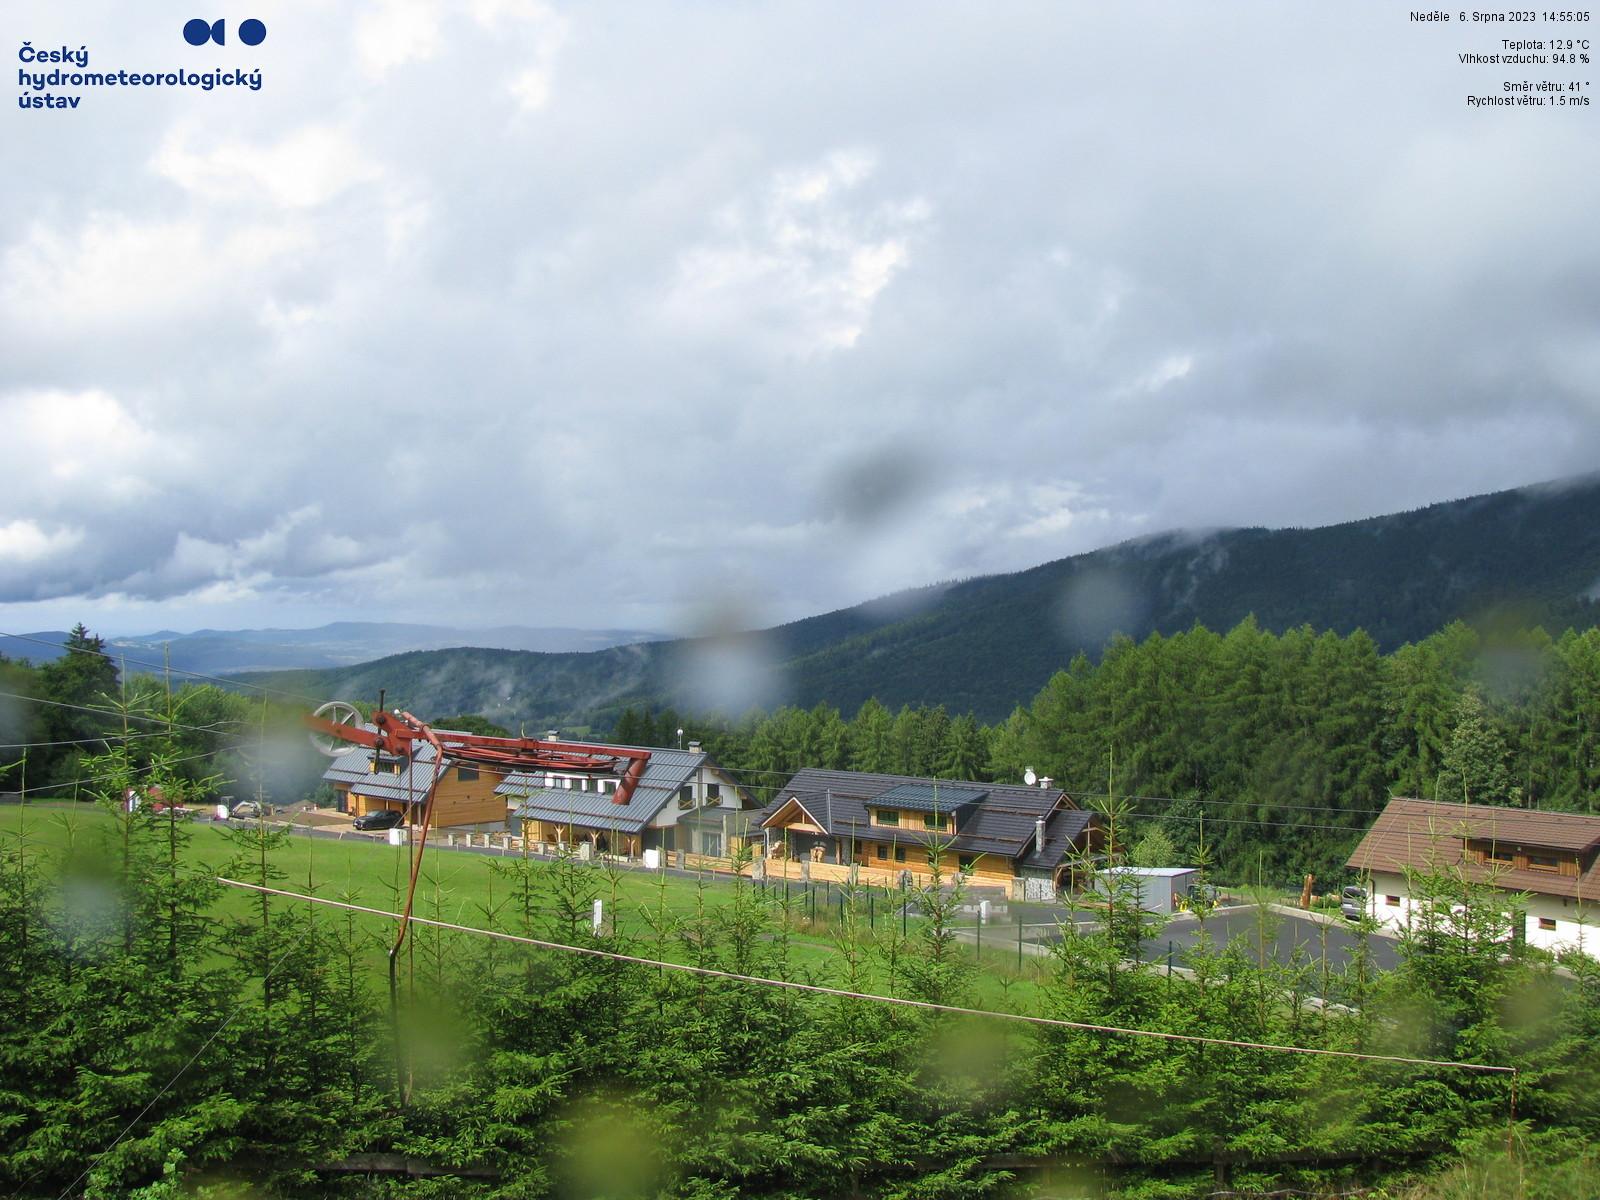 Webkamera - Hojsova Stráž